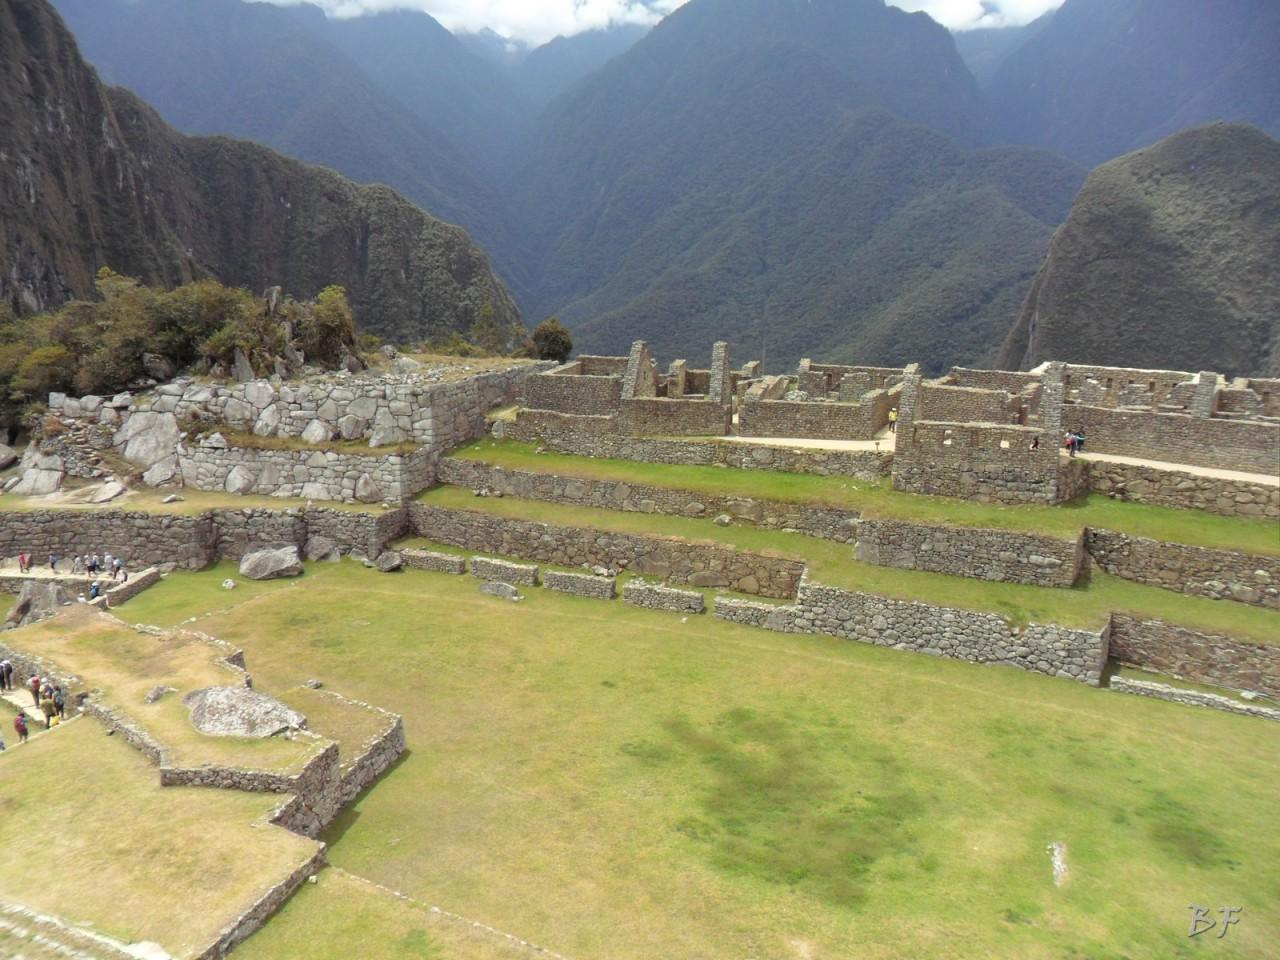 Mura-Poligonali-Incisioni-Altari-Edifici-Rupestri-Megaliti-Machu-Picchu-Aguas-Calientes-Urubamba-Cusco-Perù-124